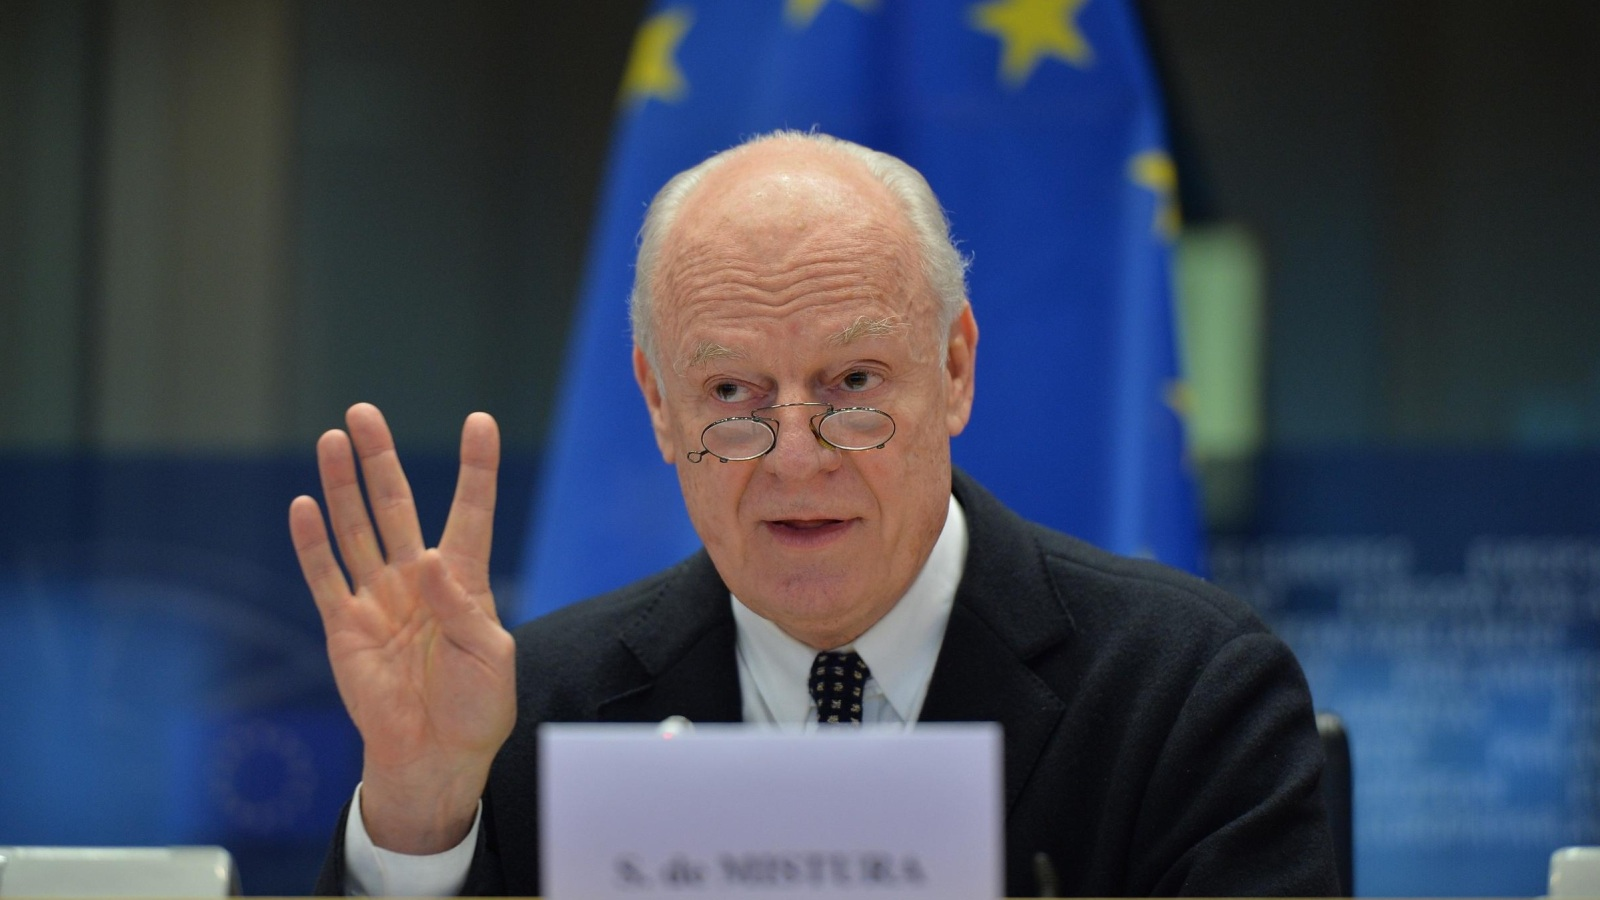 صورة ديمستورا لا يتوقع انفراجا في جنيف..وطلب مفاجئ للمعارضة